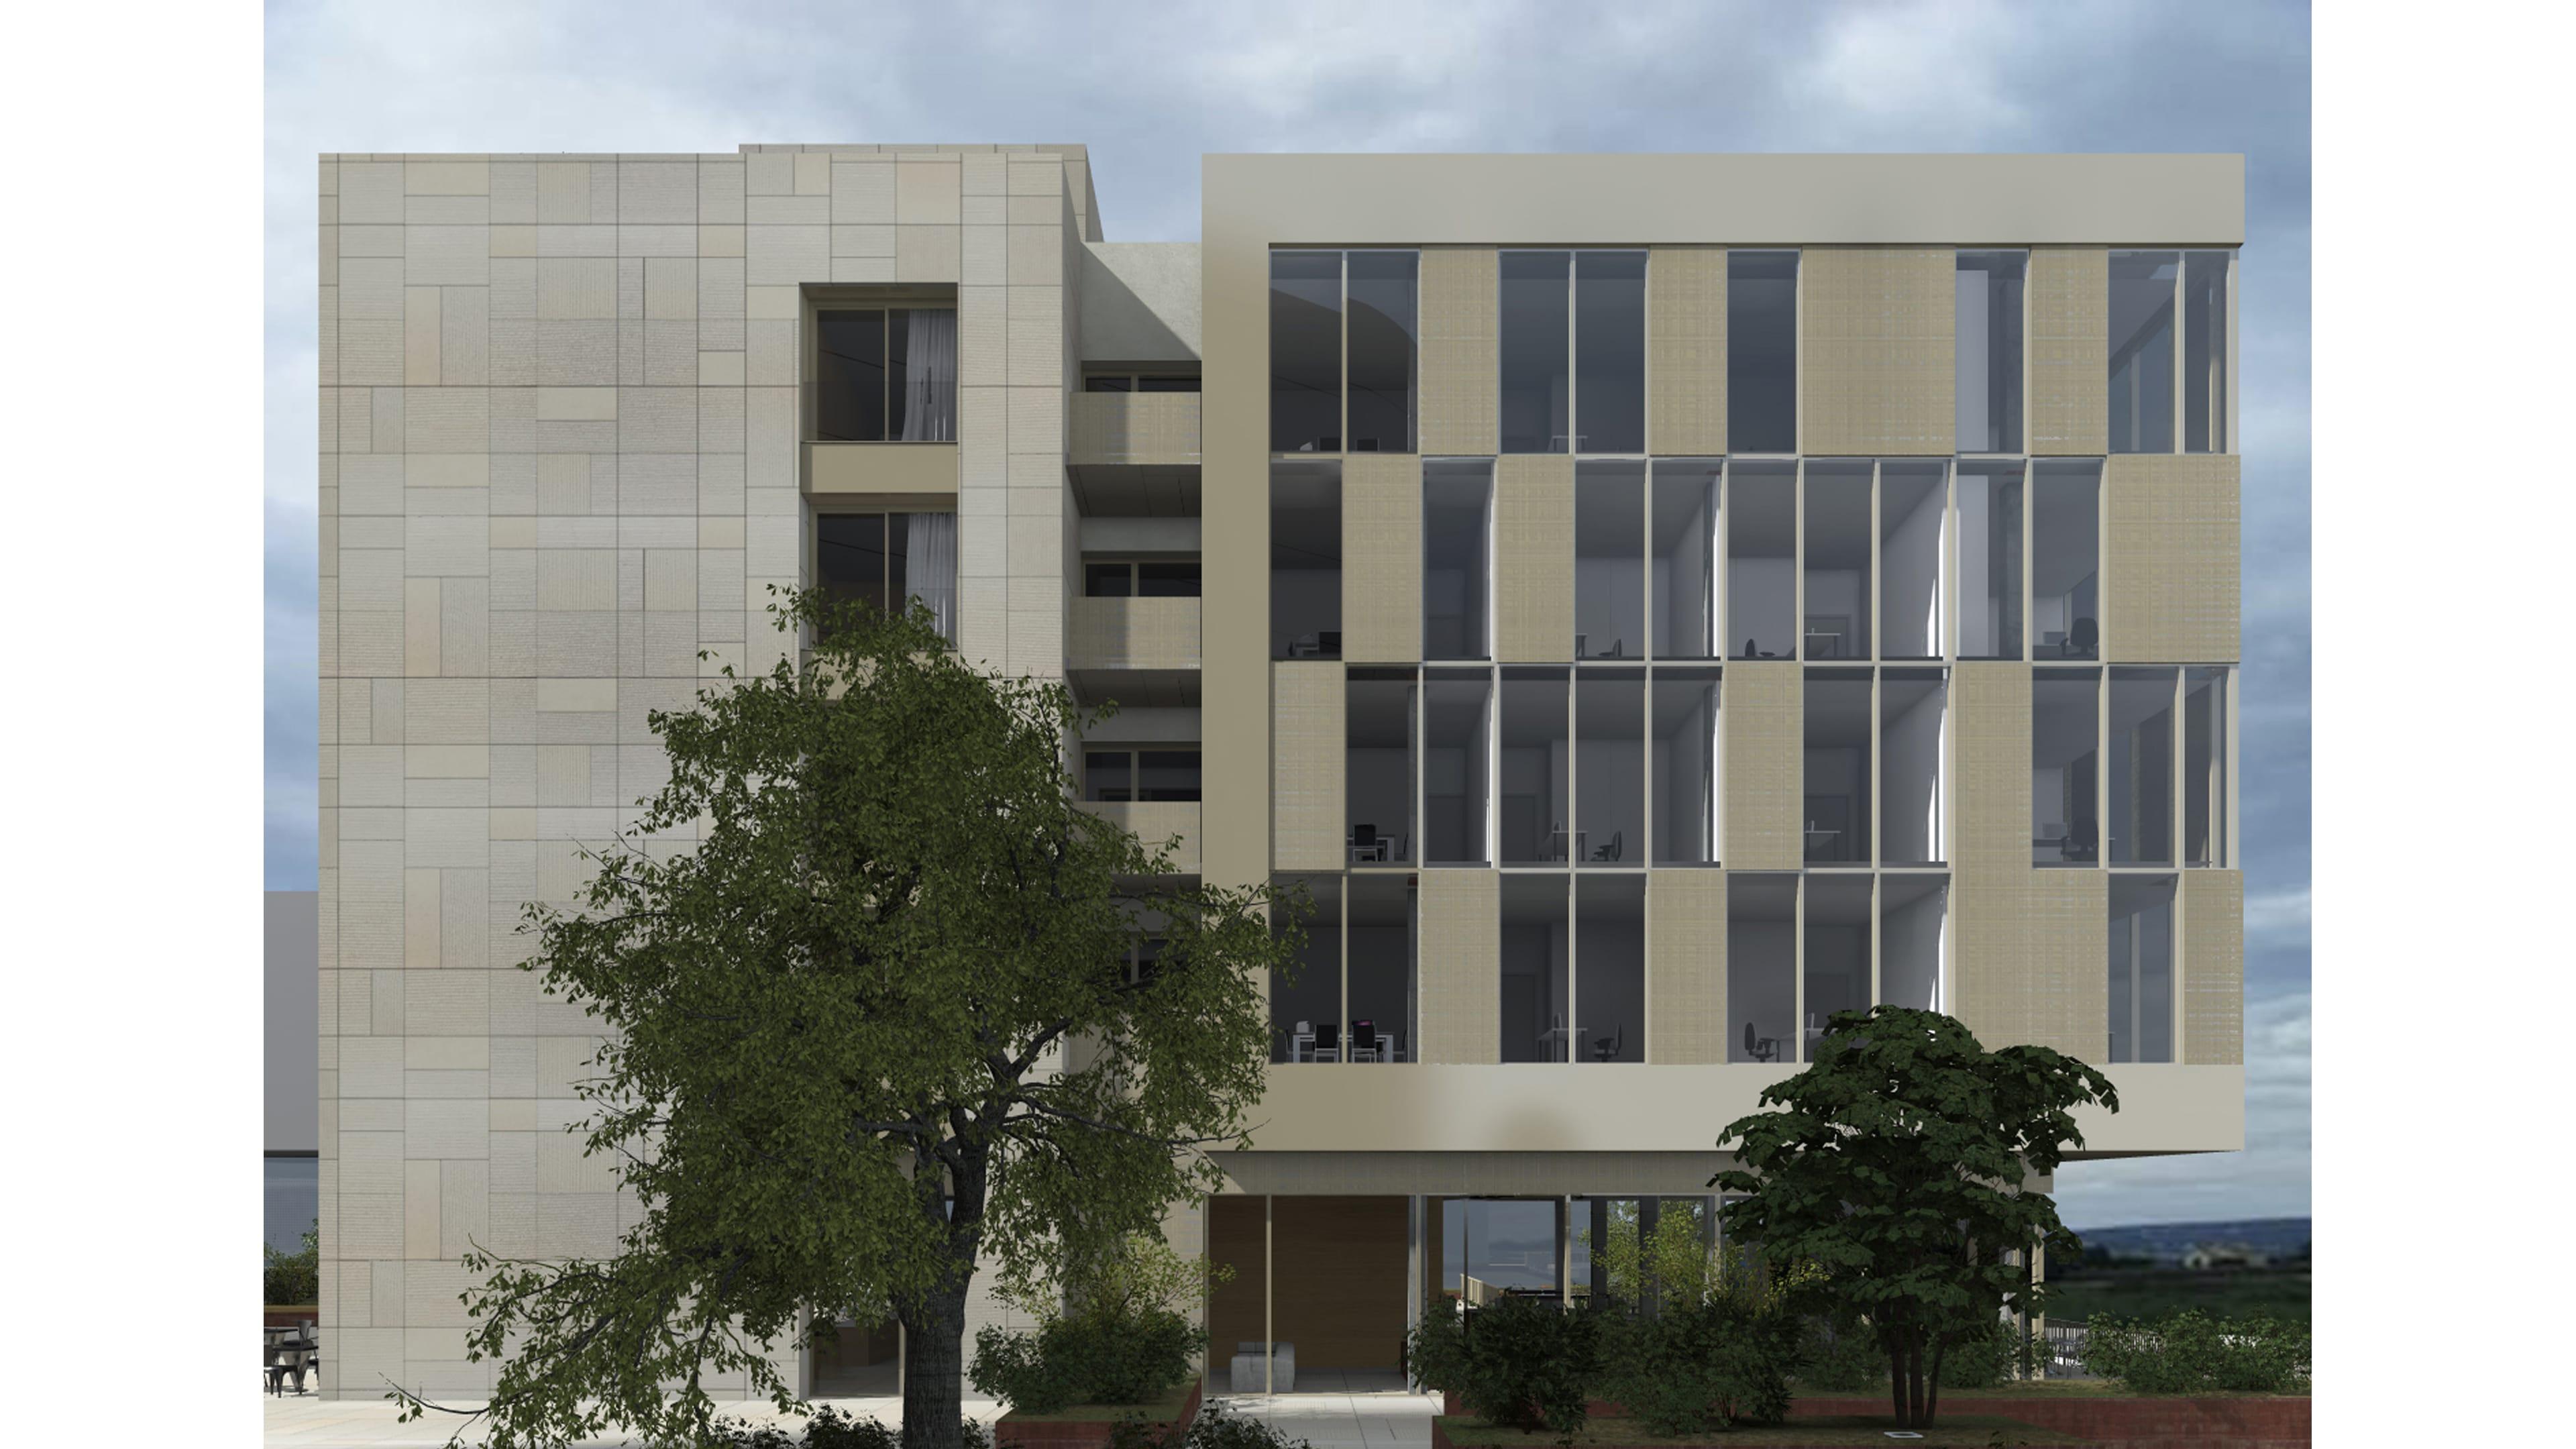 083 belval bureaux appartements square mile cfarchitectes for Architecte luxembourg